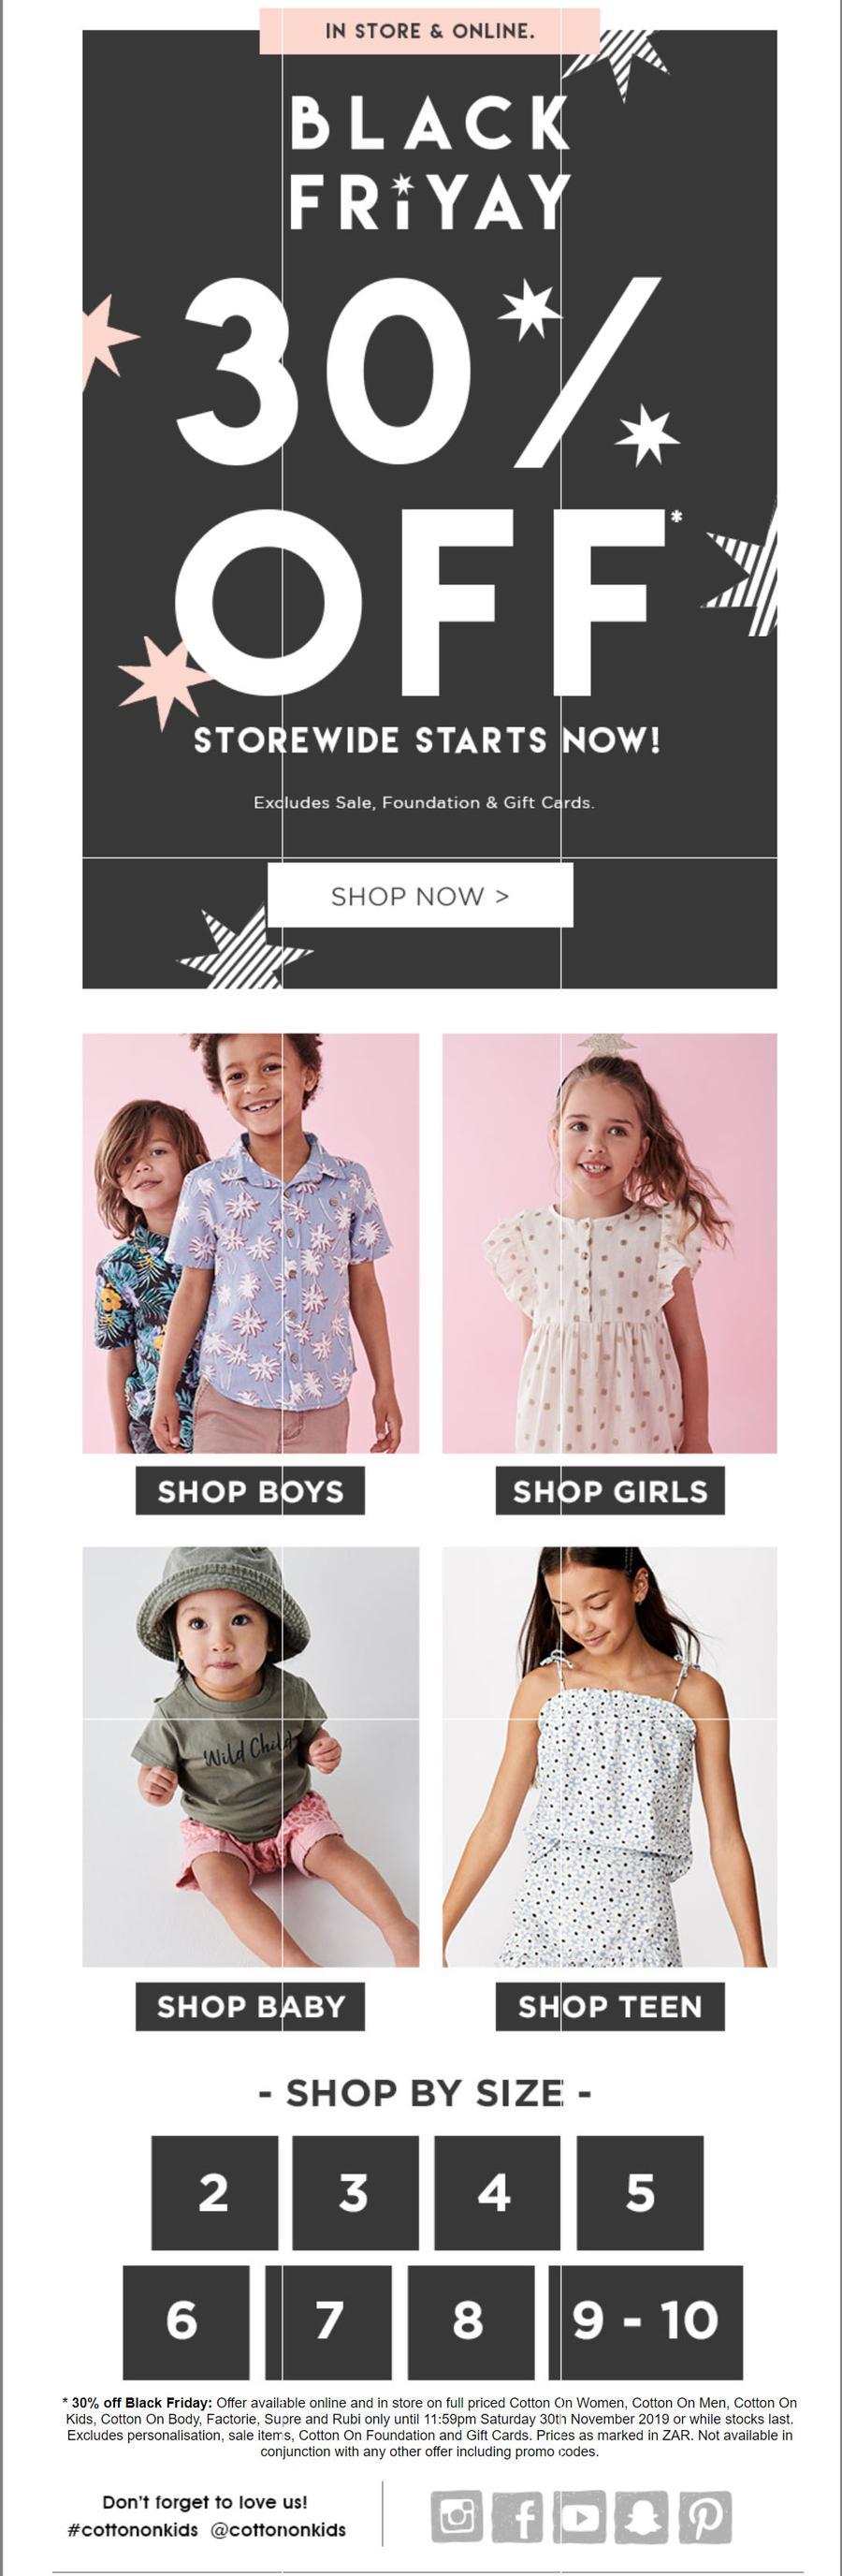 Cotton On Kids : Black Friday 30% Off (27 Nov - 30 Nov 2019